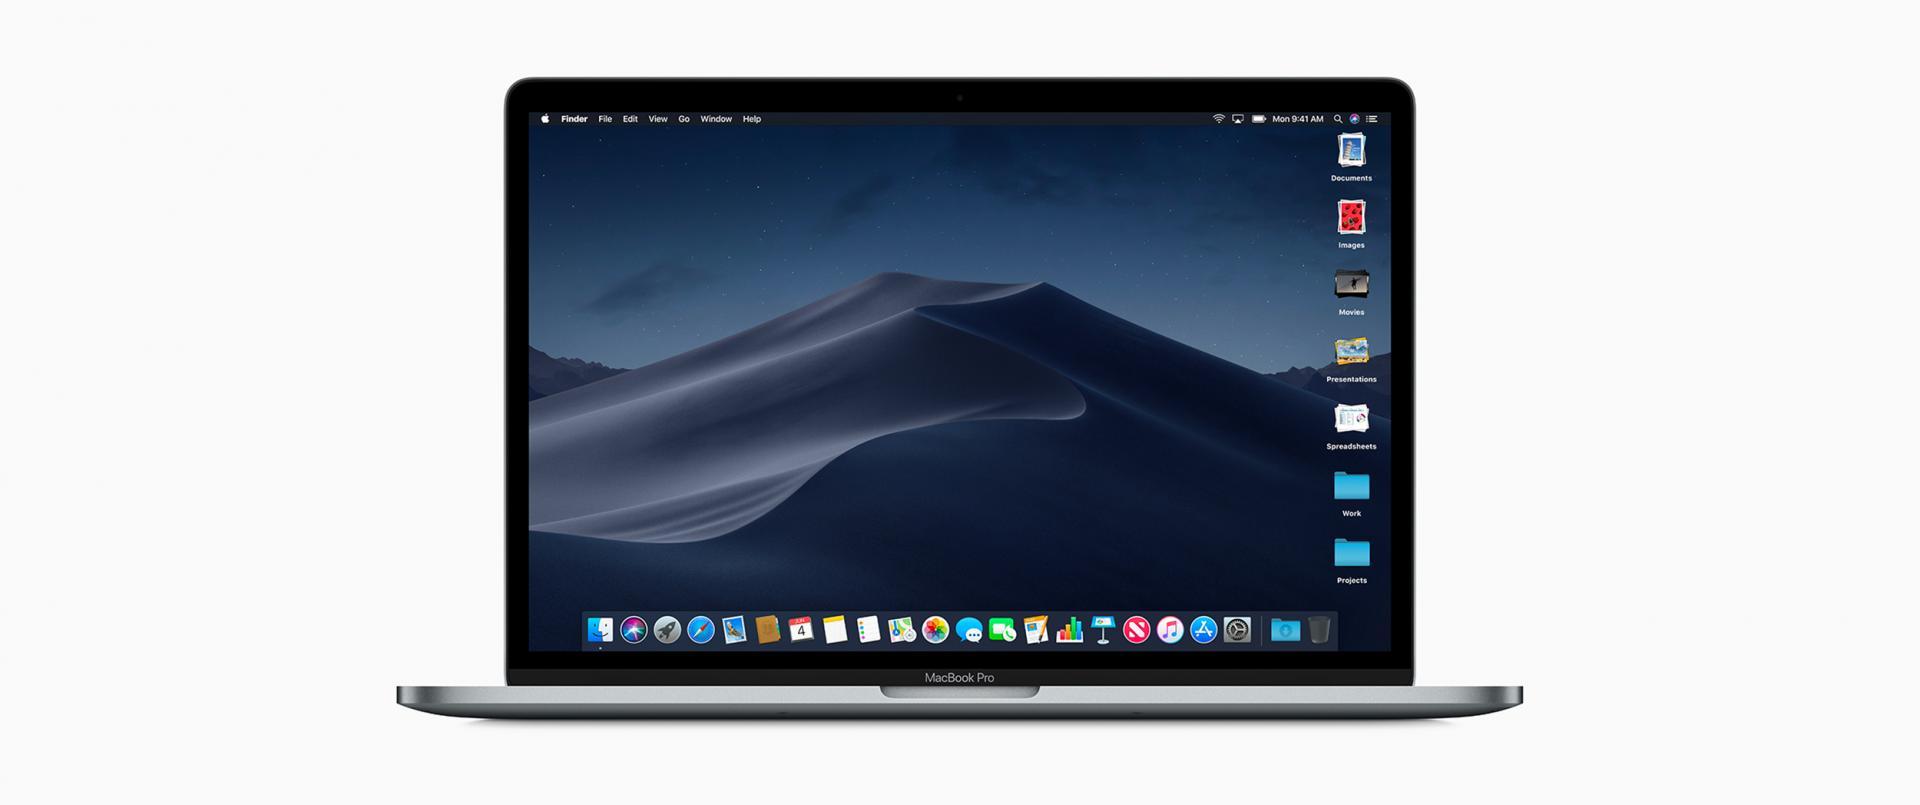 MacOS Mojave: tutte le novità, dal dark mode alla privacy